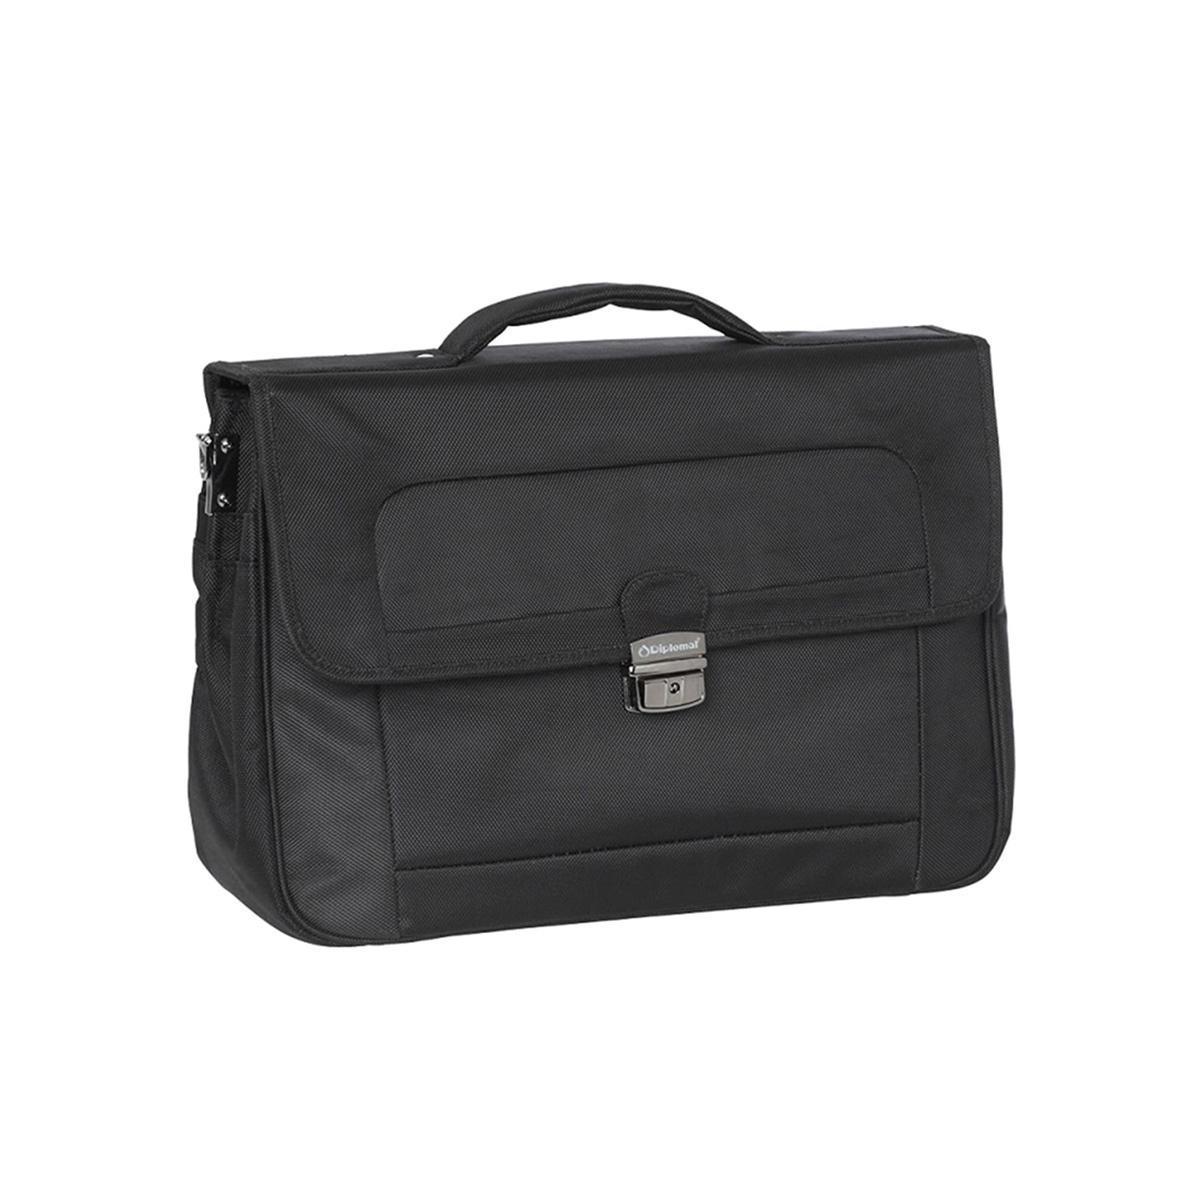 Επαγγελματική Τσάντα Laptop - Χαρτοφύλακας Diplomat 32cm BU103 Μαύρη ... bd1eb4a21f4